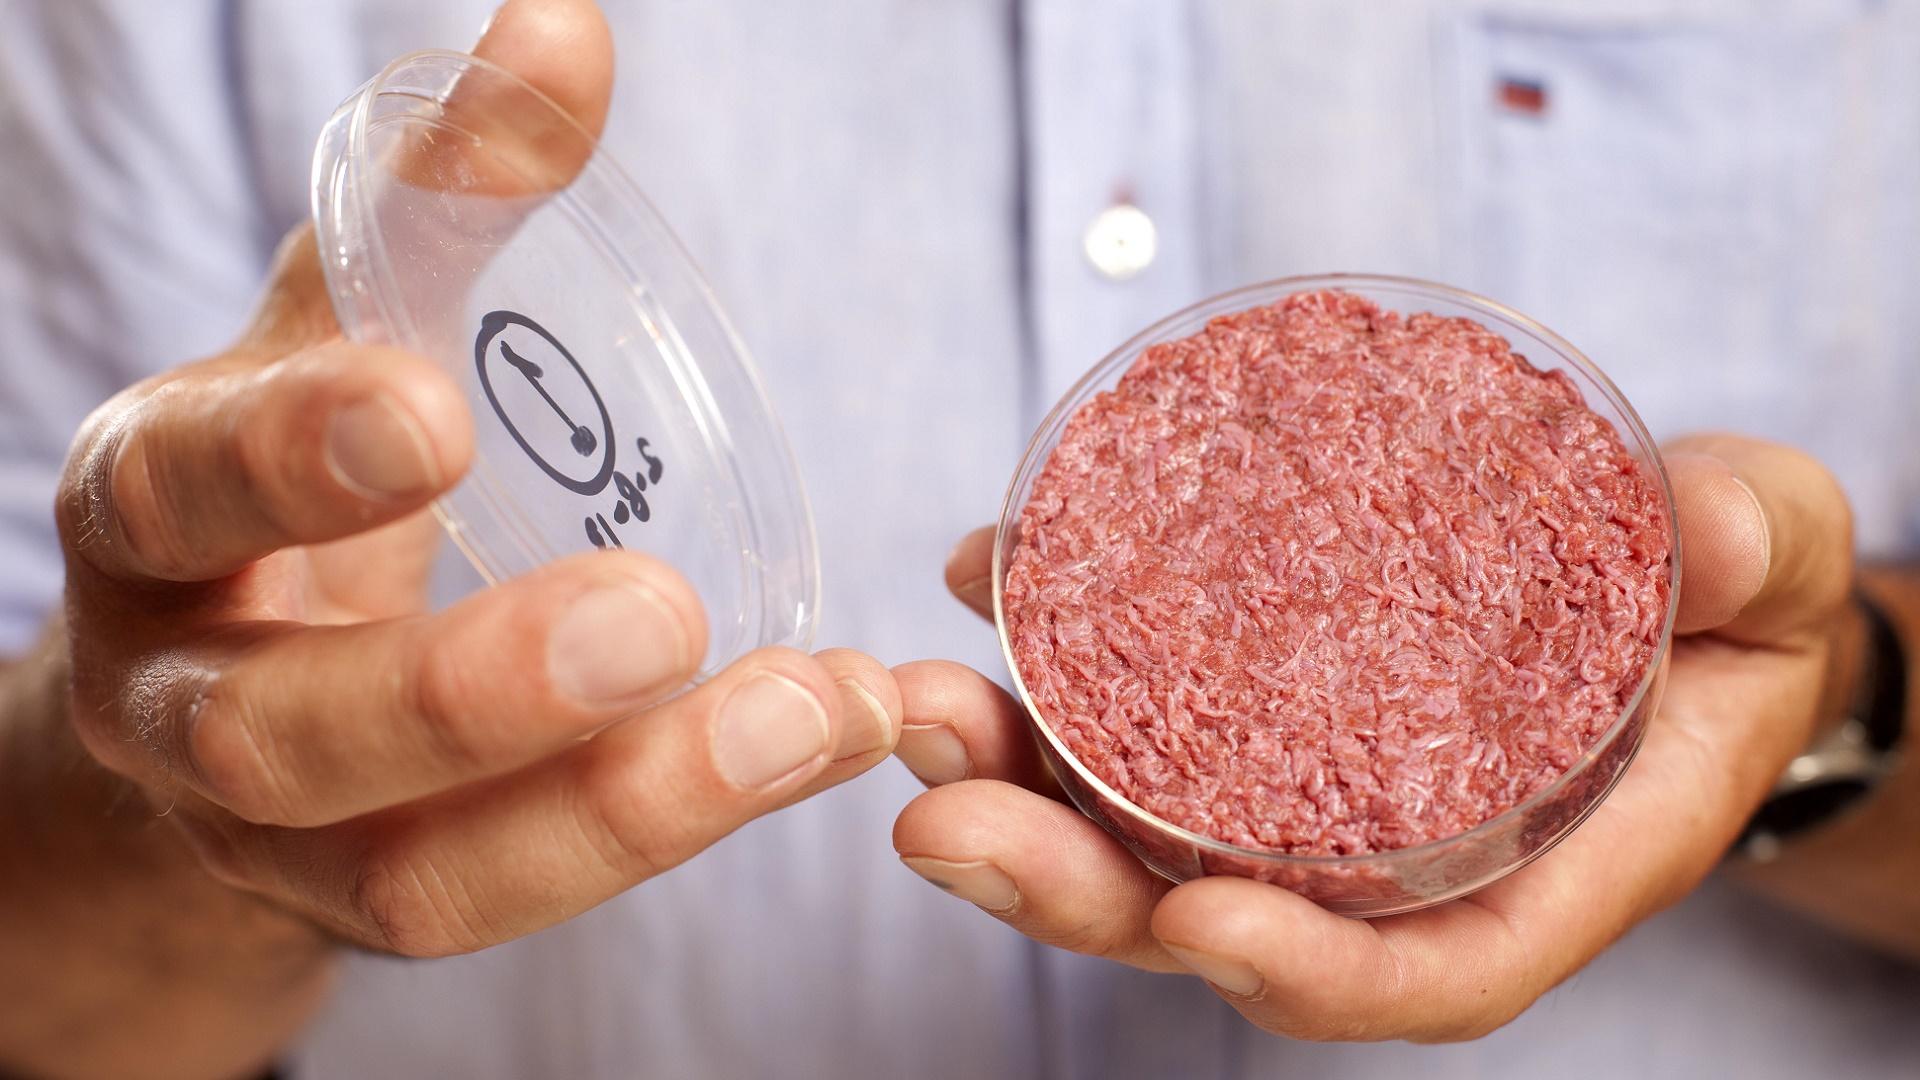 ¿Es importante que la carne falsa esté en los eventos tecnológicos?